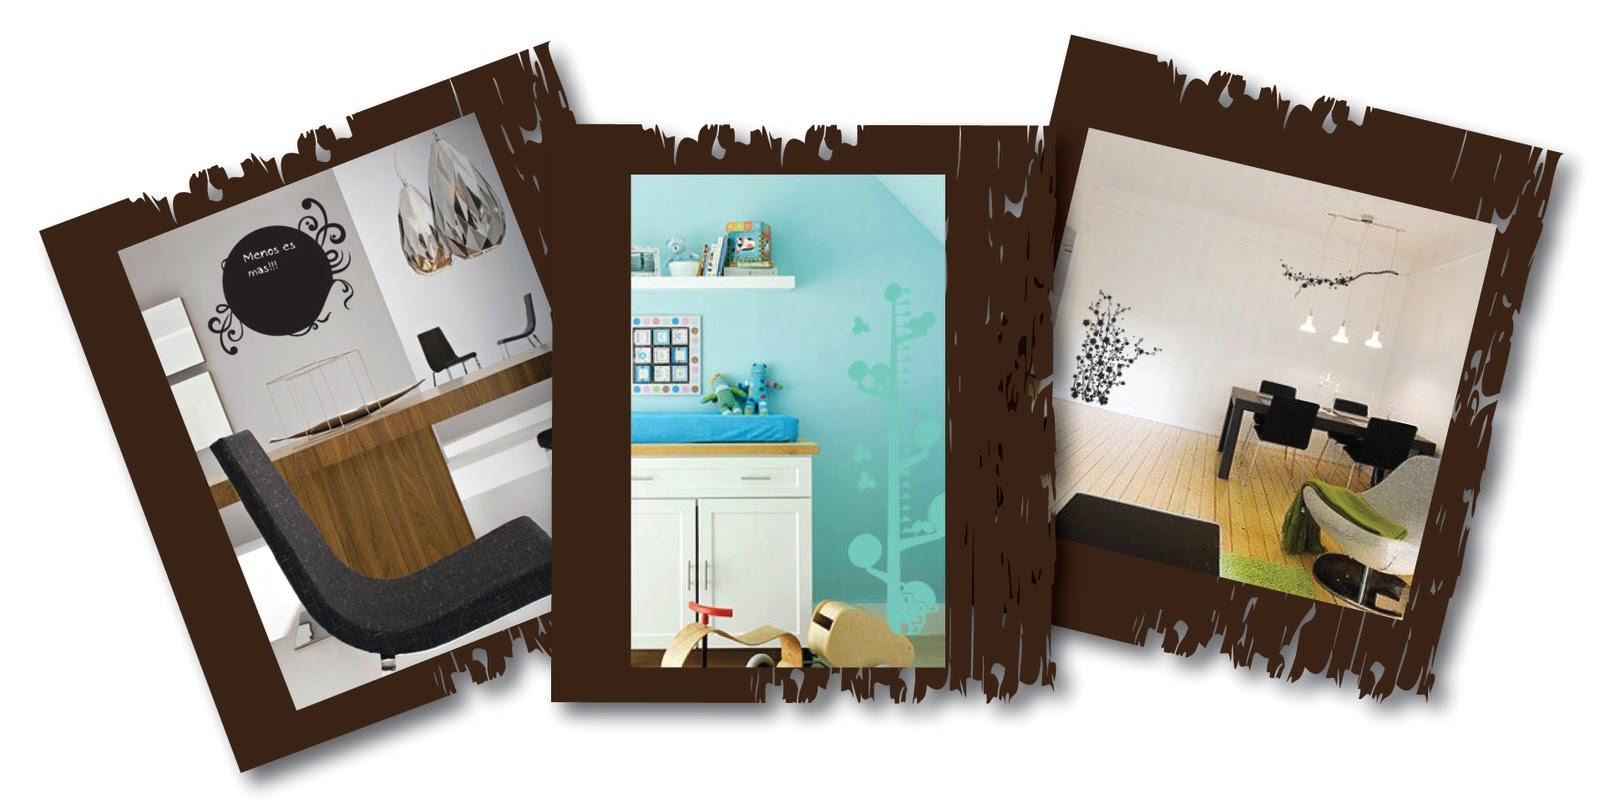 Almacen de vinilos wall stickers for Vinilos decorativos para entradas